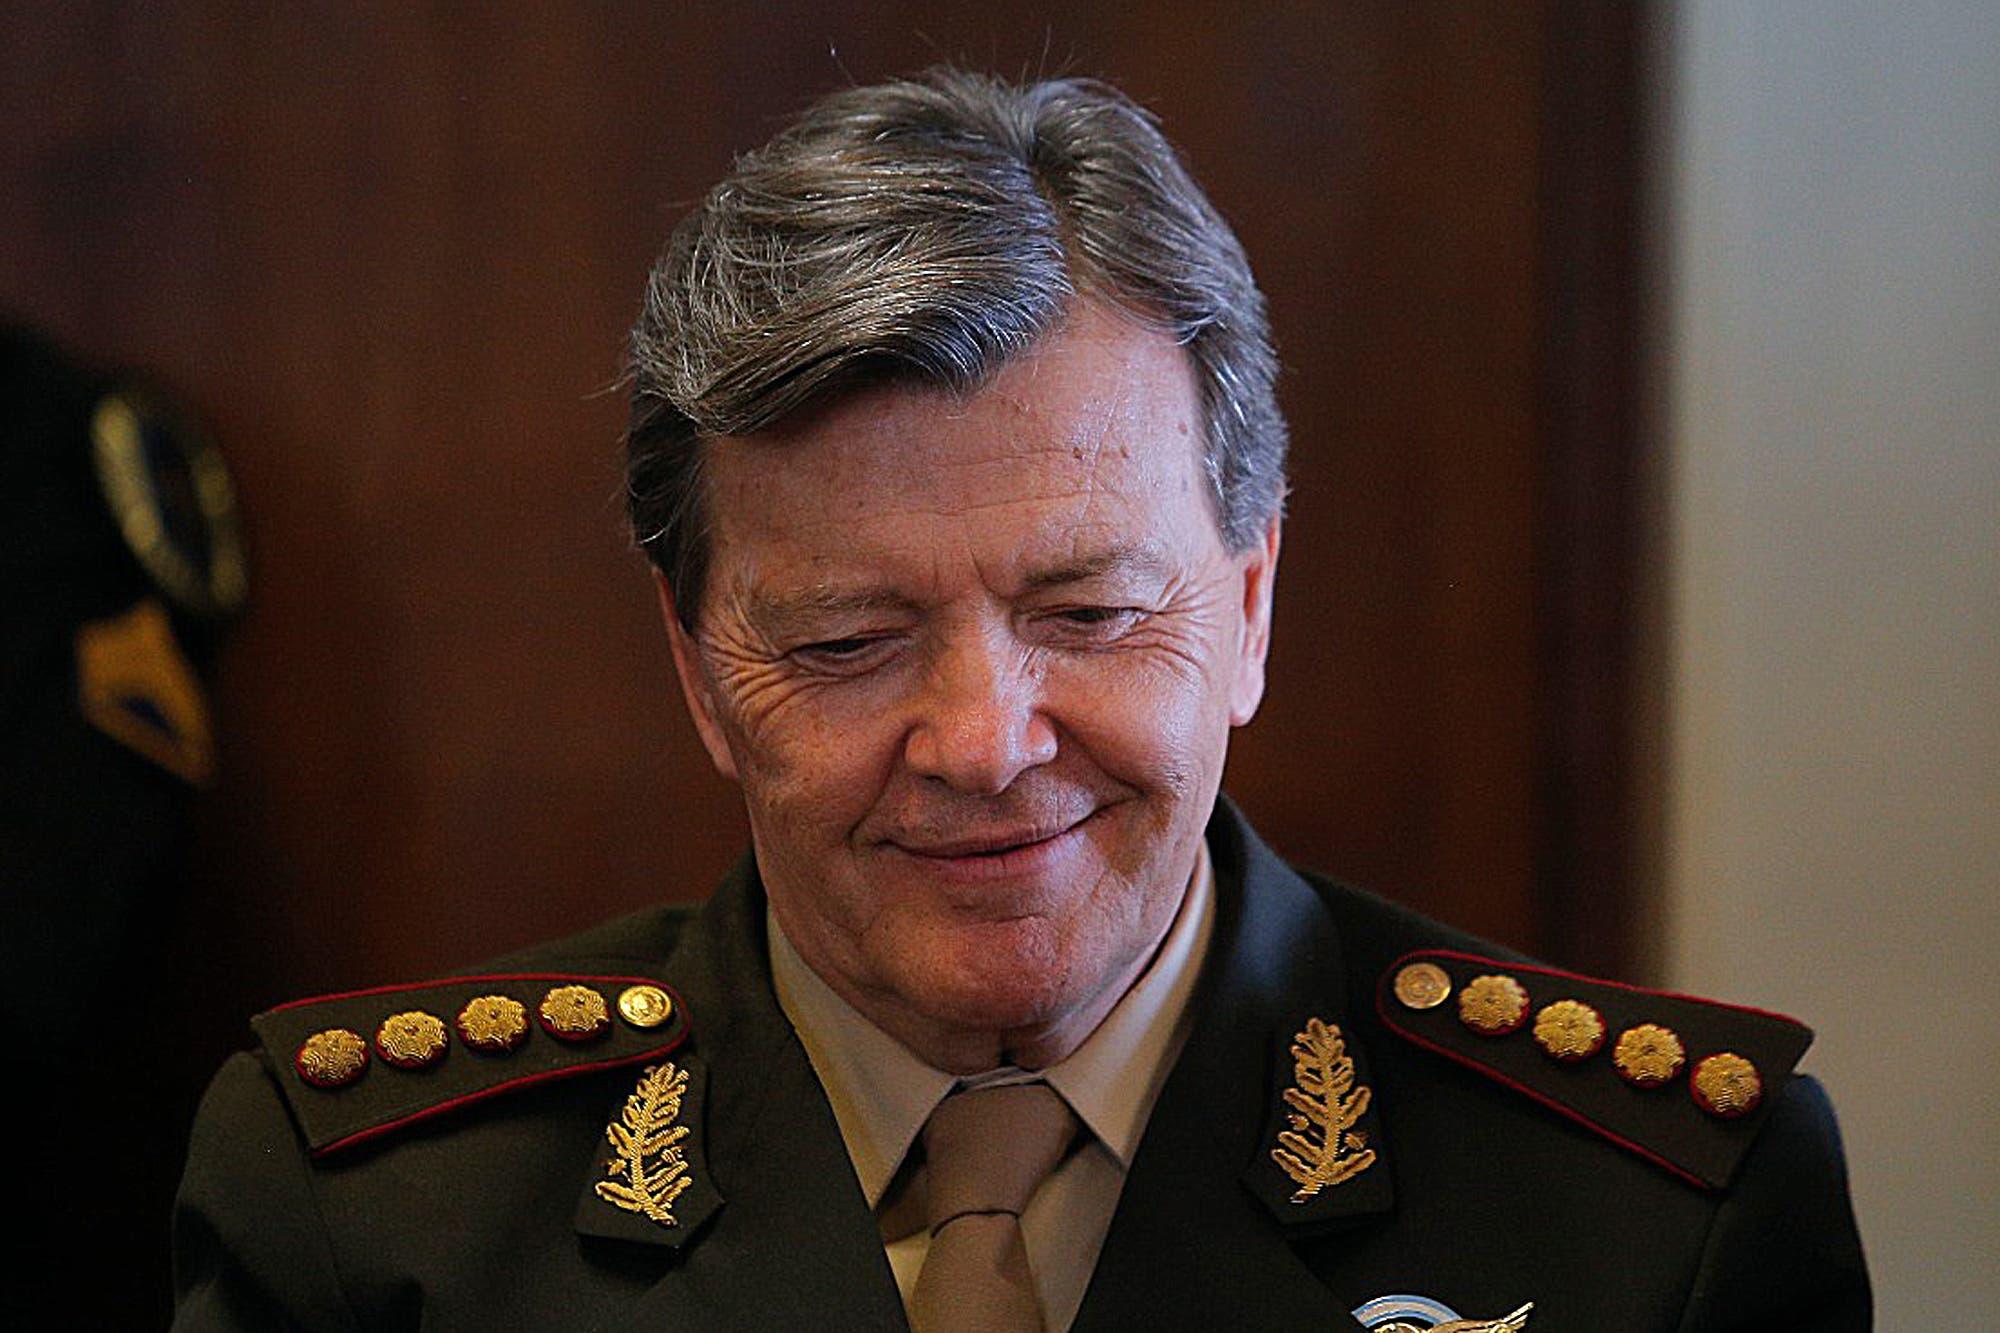 Uno de los jueces que absolvió a Milani había comparado al gobierno de Macri con la dictadura